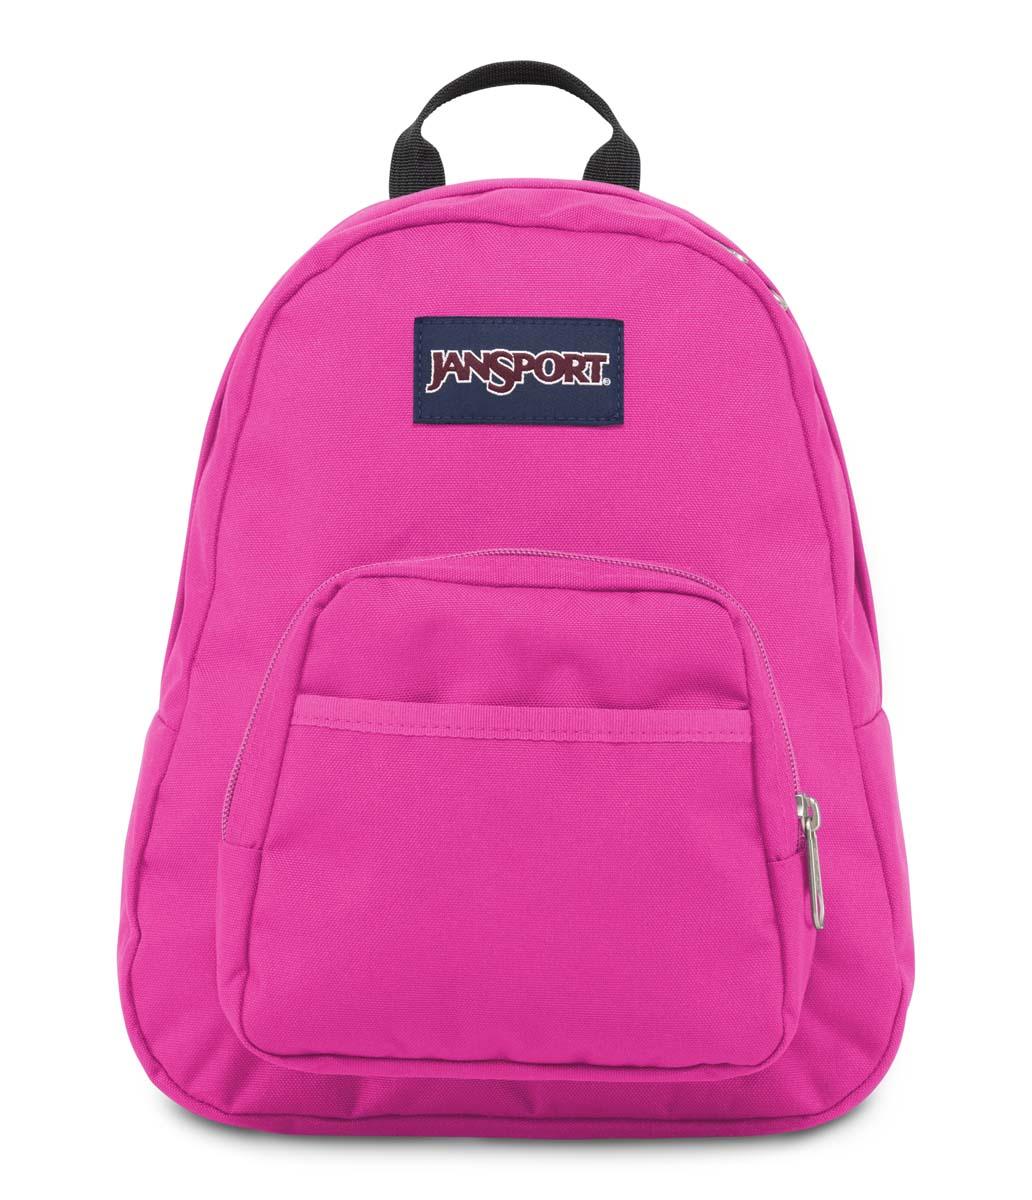 JanSport กระเป๋าเป้ รุ่น Half Pint - Ultra Pink